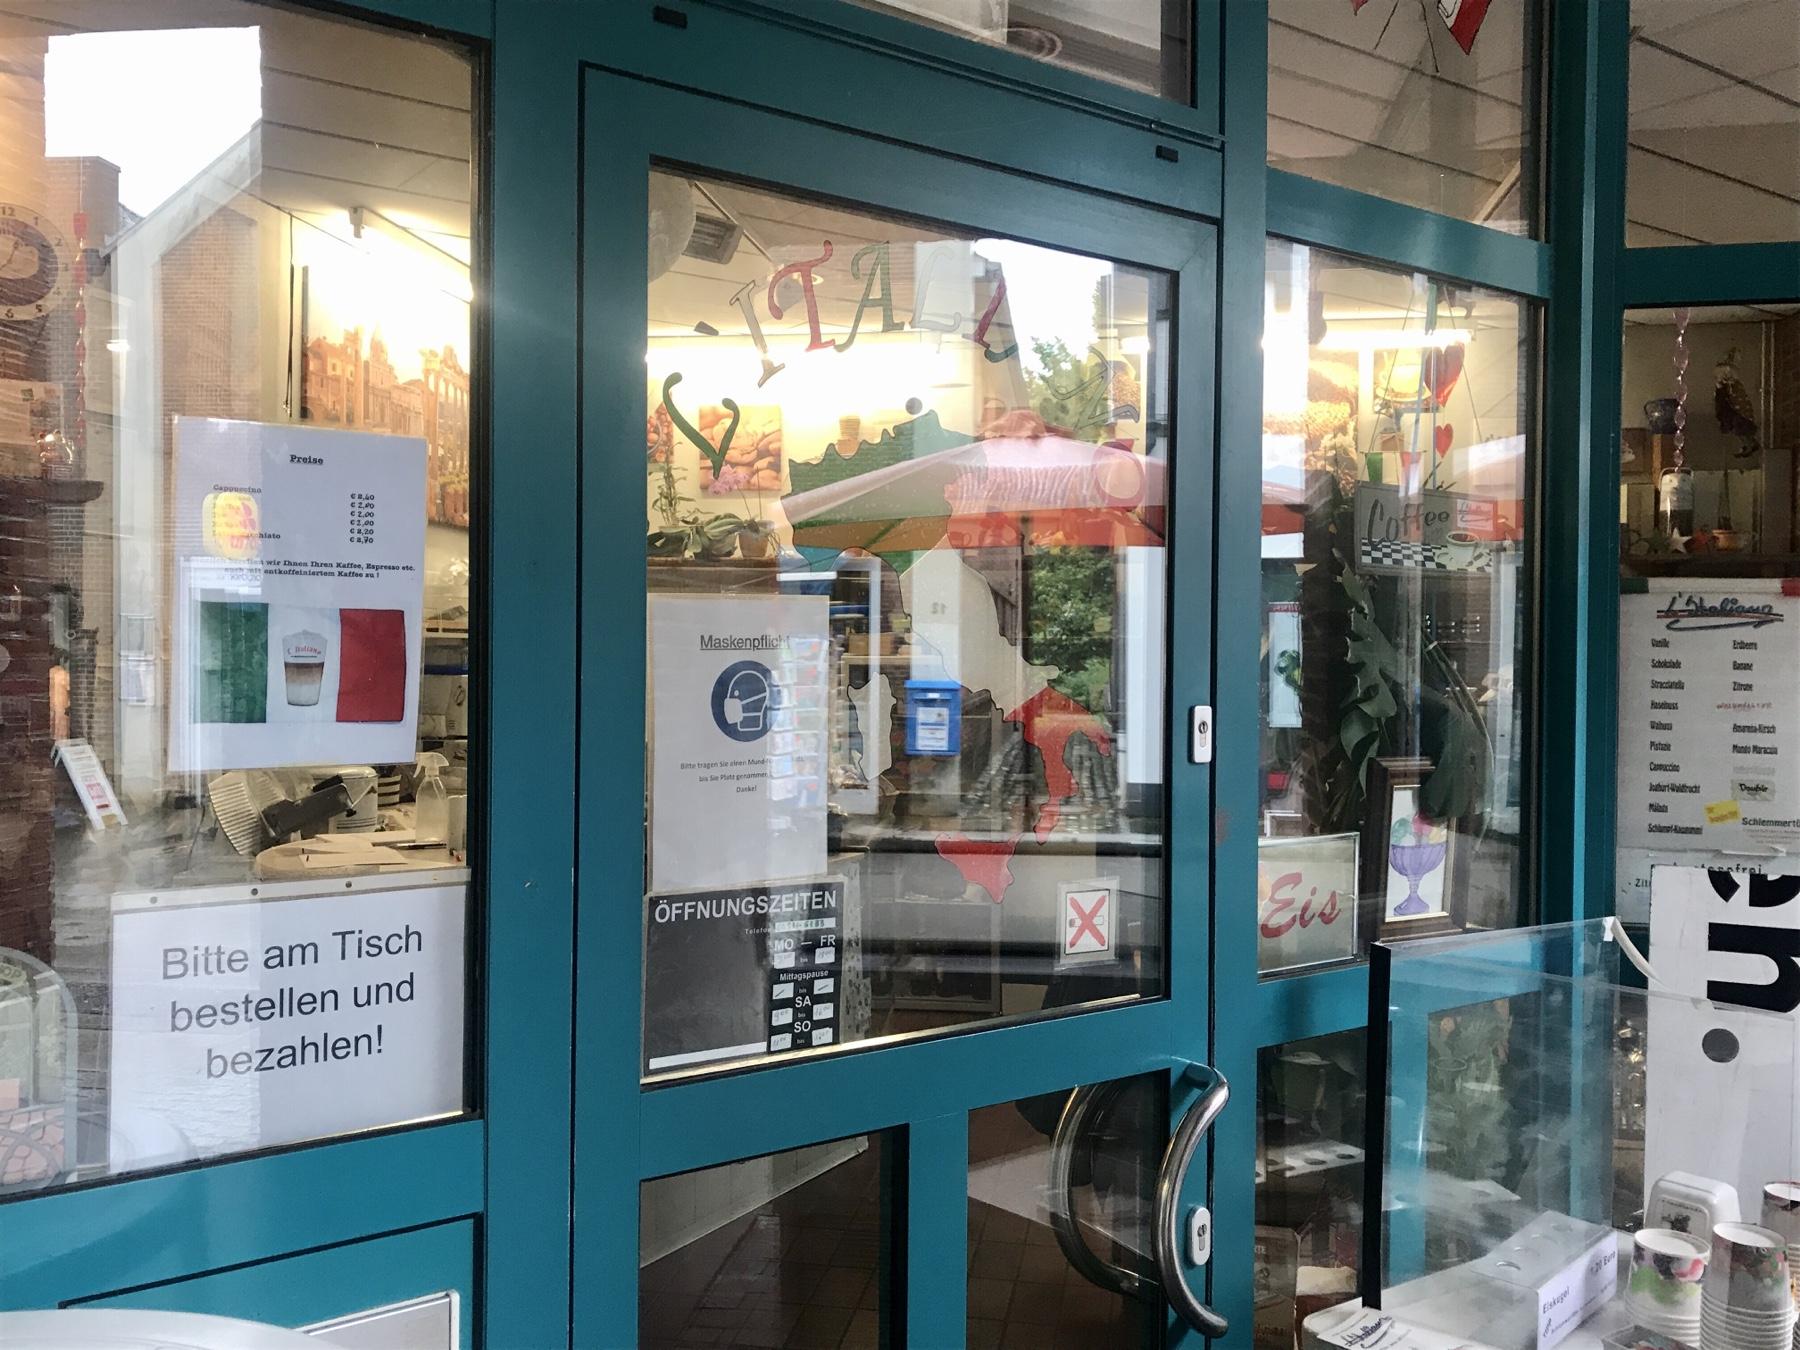 L'Italiano italienisches Café Bistro in der Fußgängerzone von Bad Oldesloe